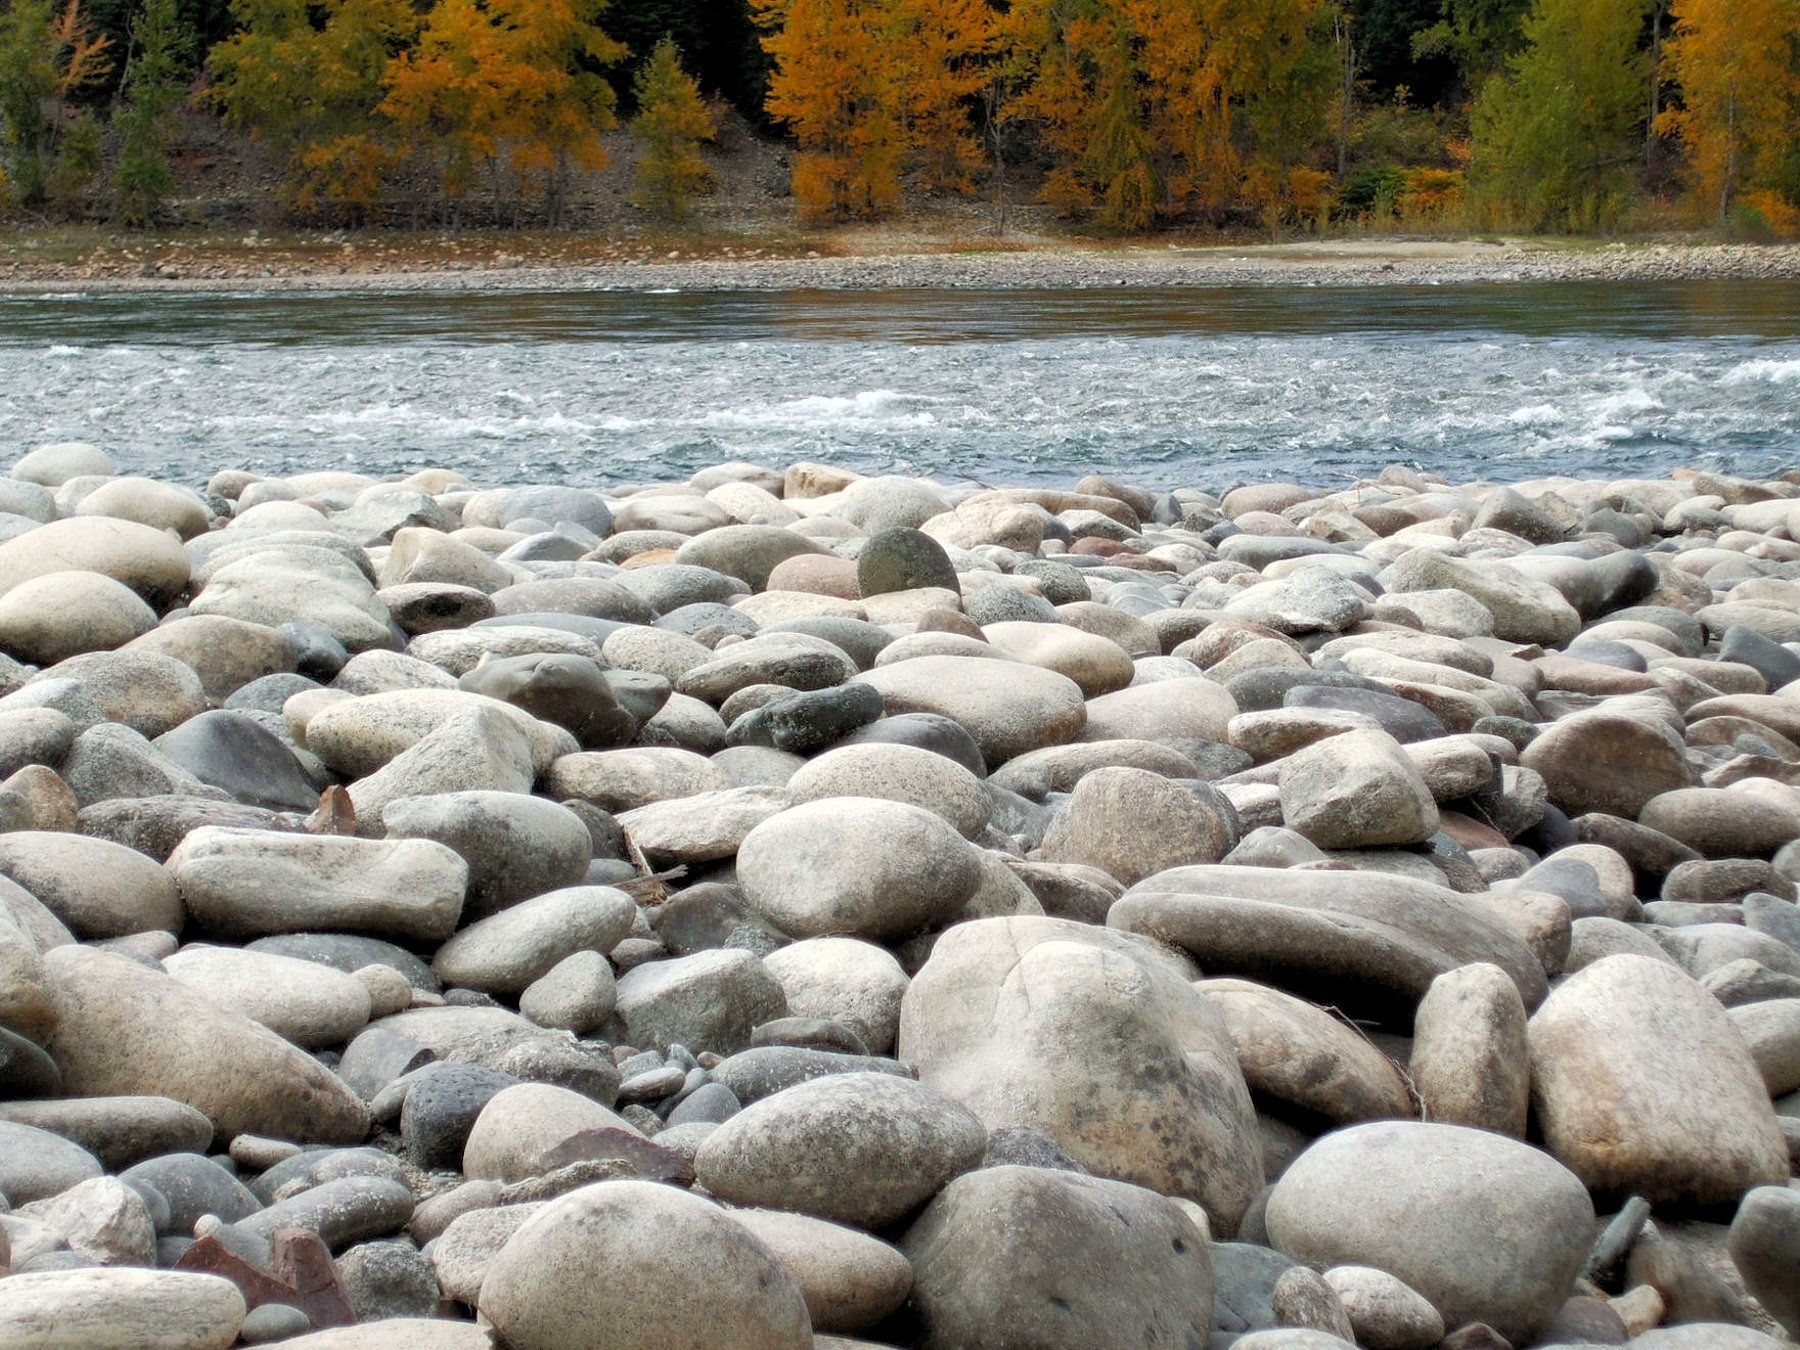 Beach Rocks 5 A beach of smooth round rocks a busy river autumn